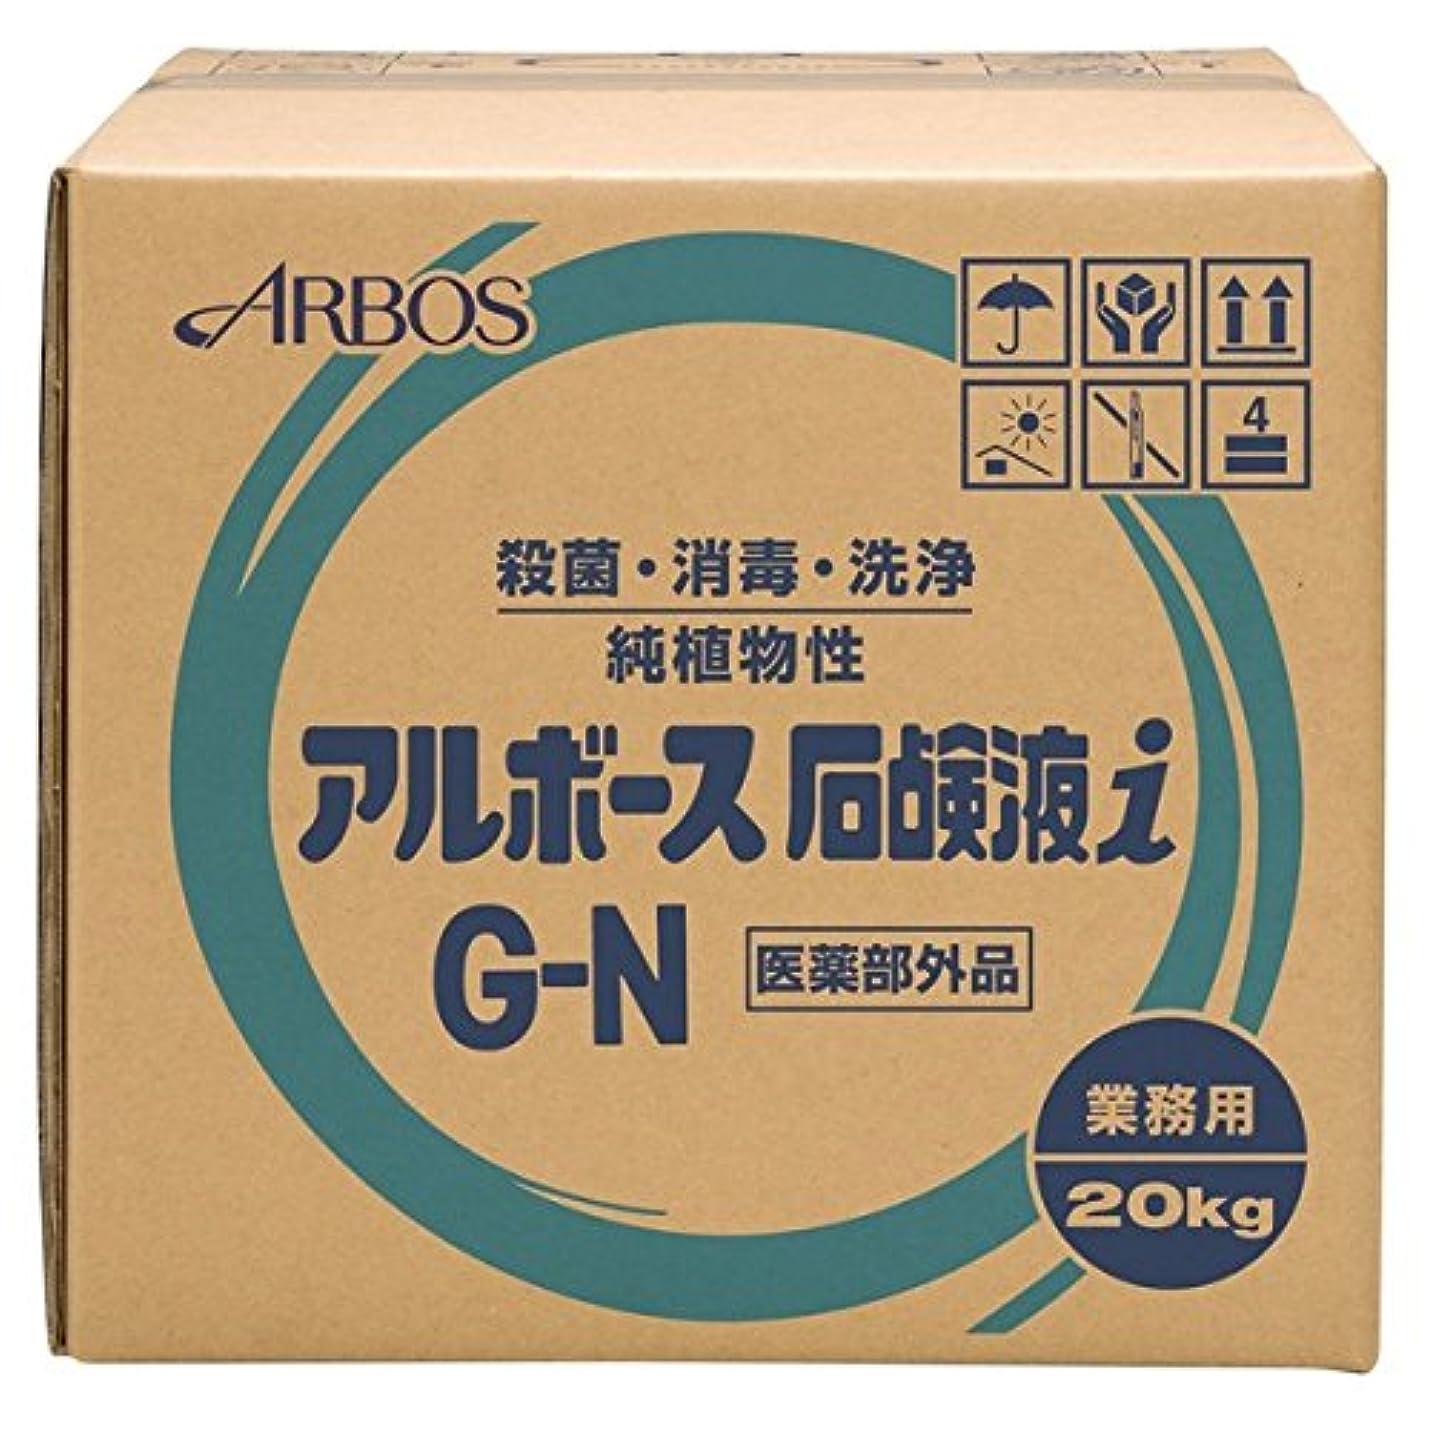 詩人しなやかな具体的にアルボース 薬用ハンドソープ アルボース石鹸液i G-N 濃縮タイプ 20kg